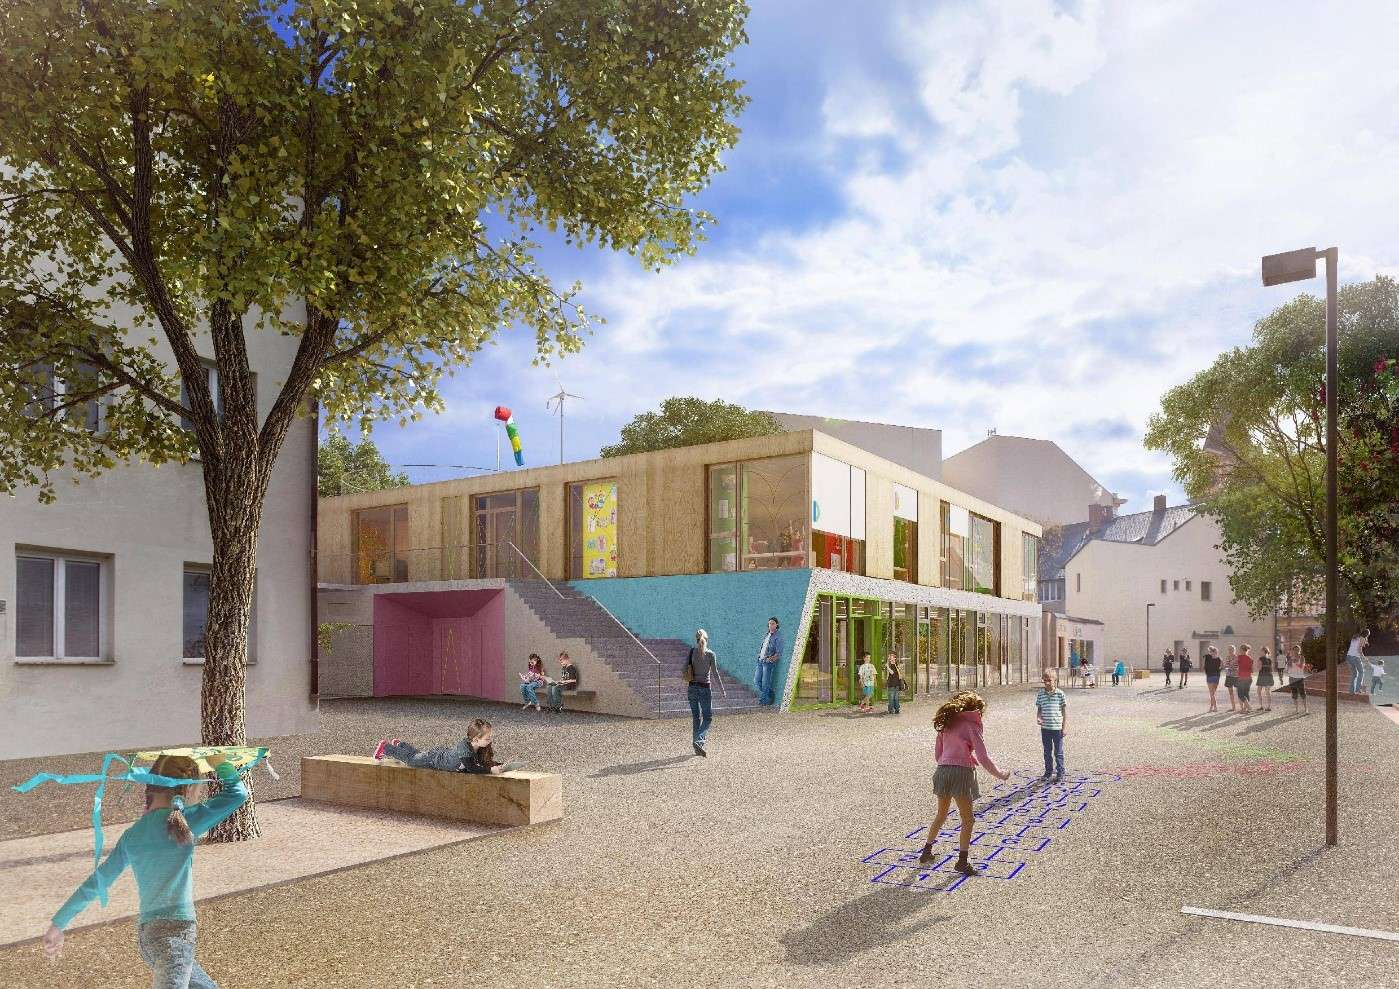 Brex staví v Mnichově Hradišti moderní komunitní centrum